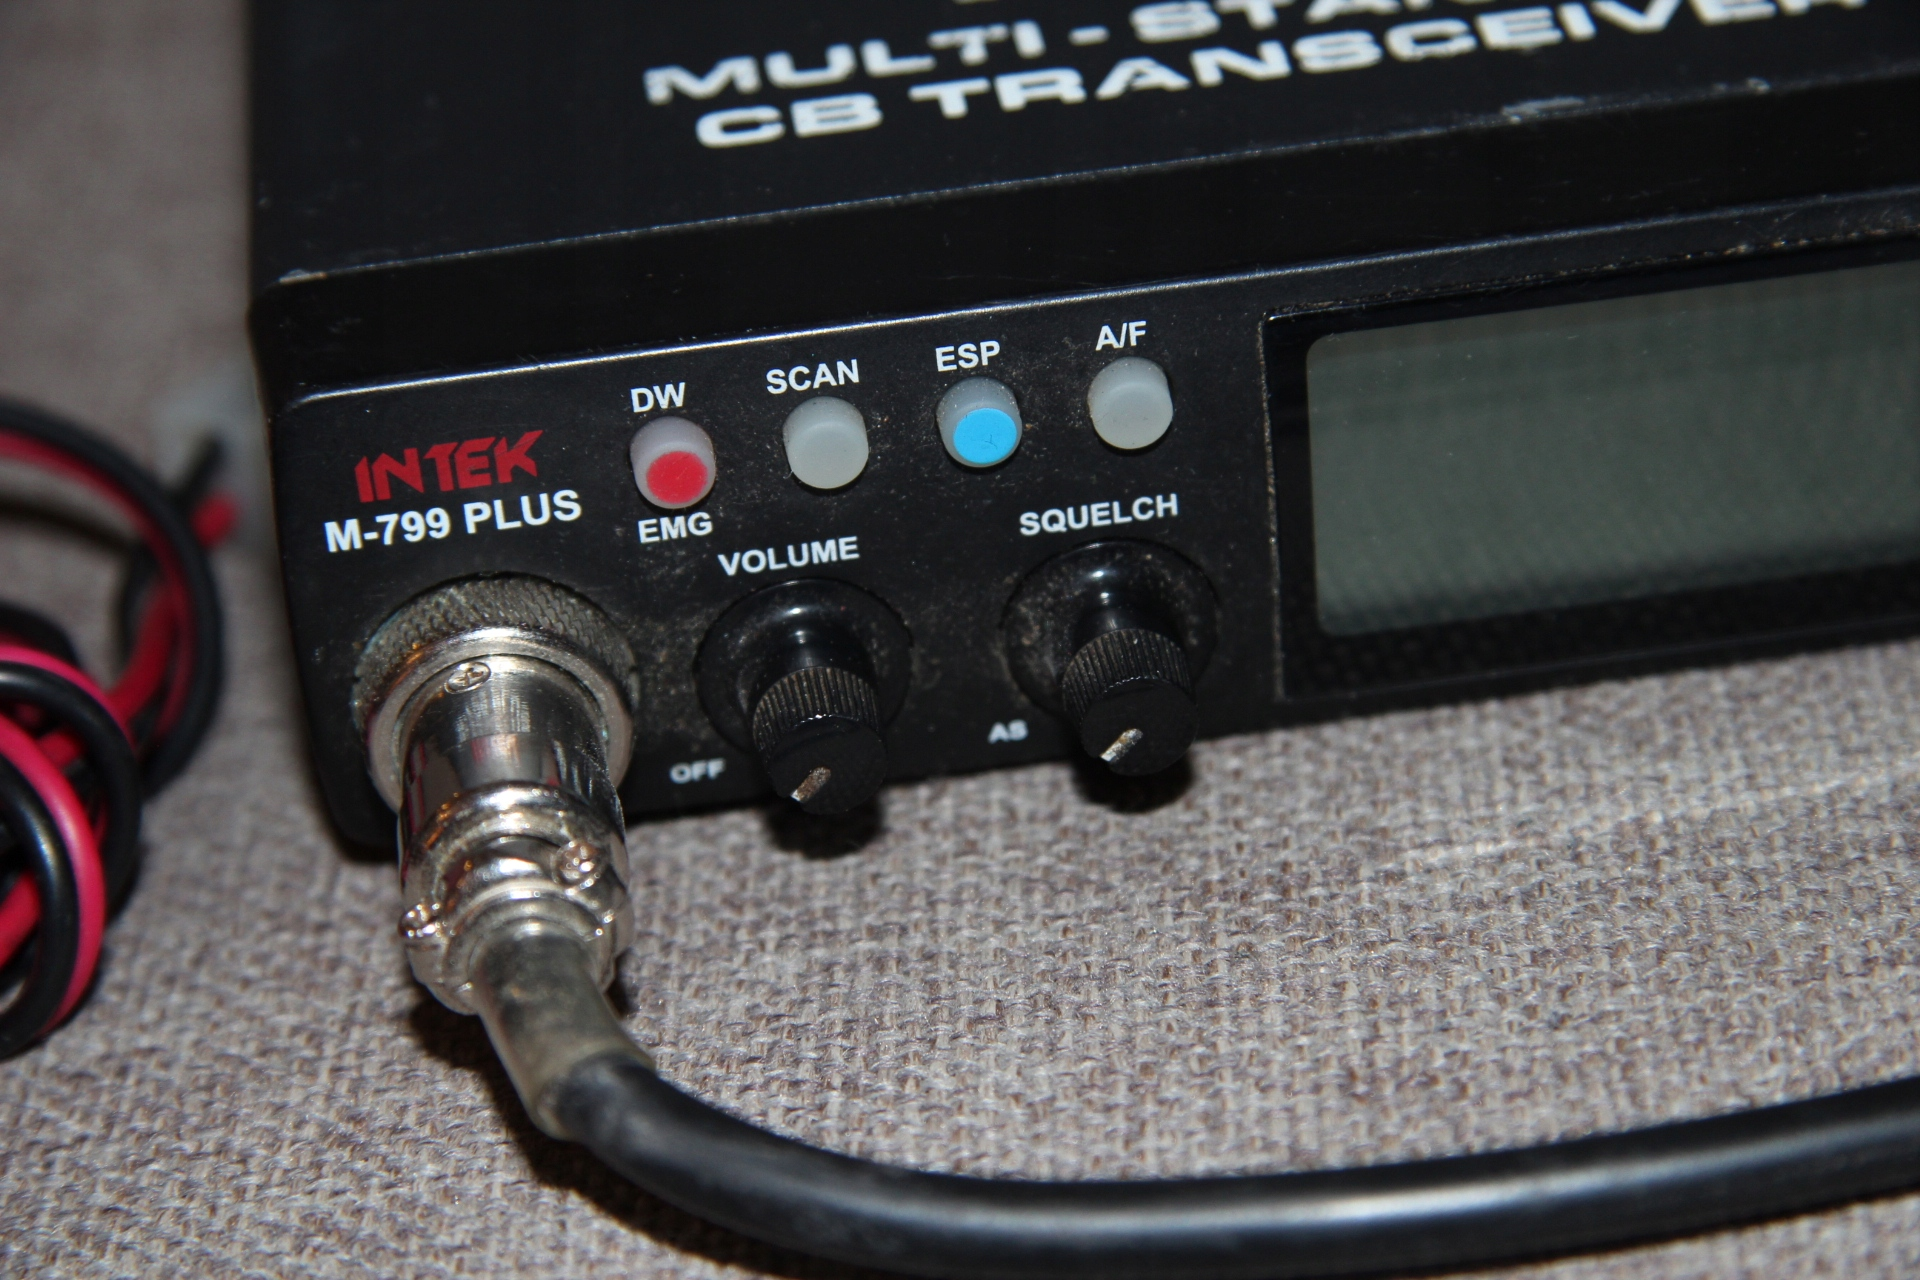 CB RADIO INTEK M-799 PLUS